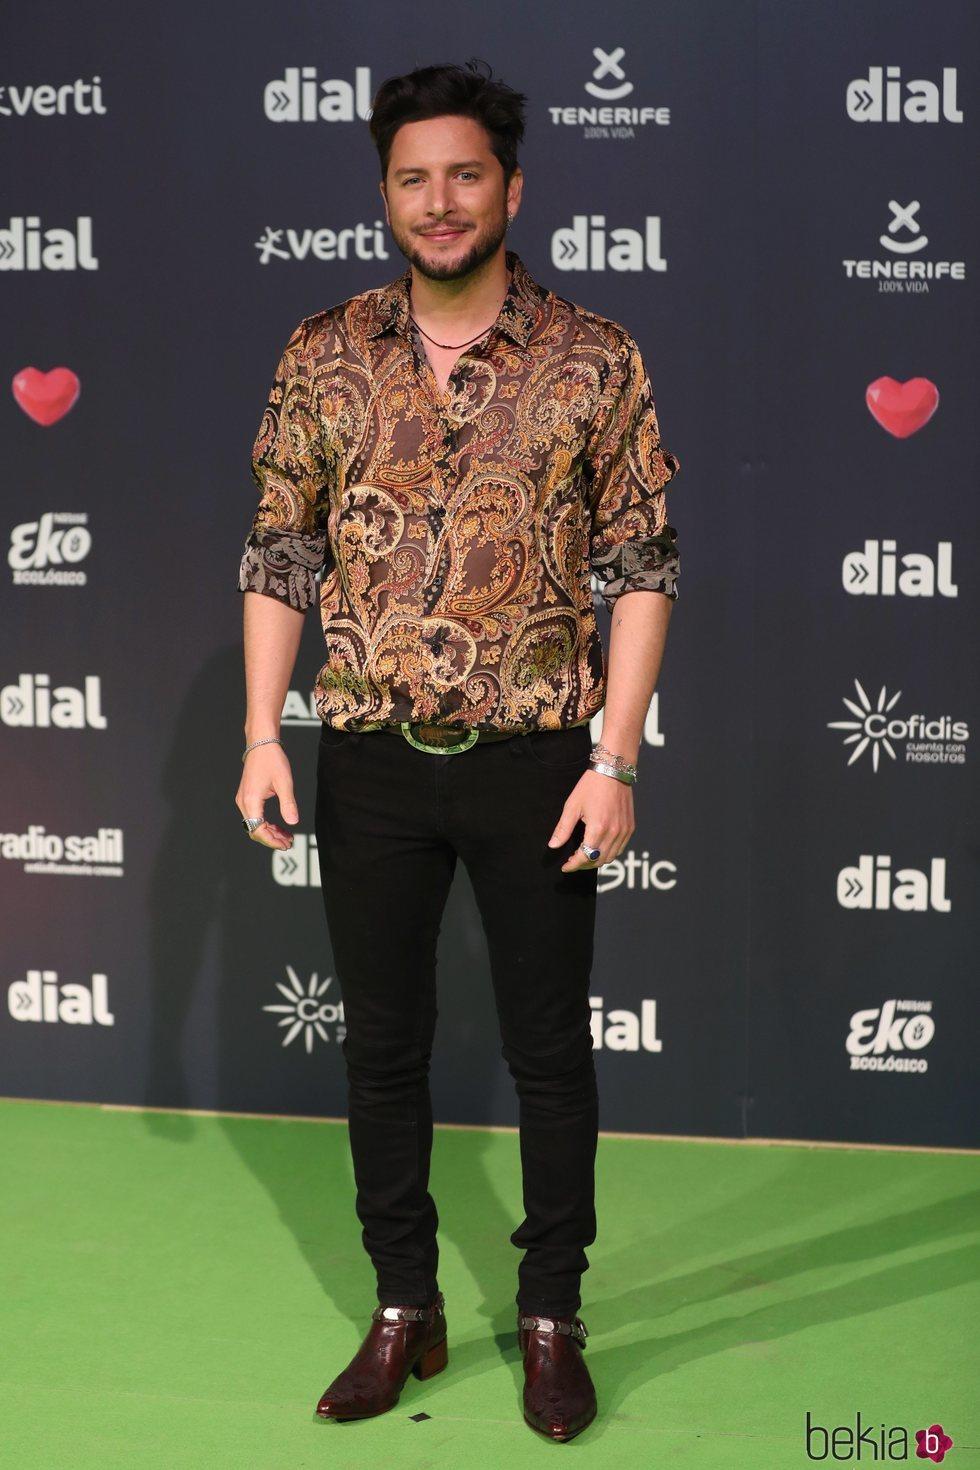 Manuel Carrasco en los Premios Cadena Dial 2019 en Tenerife